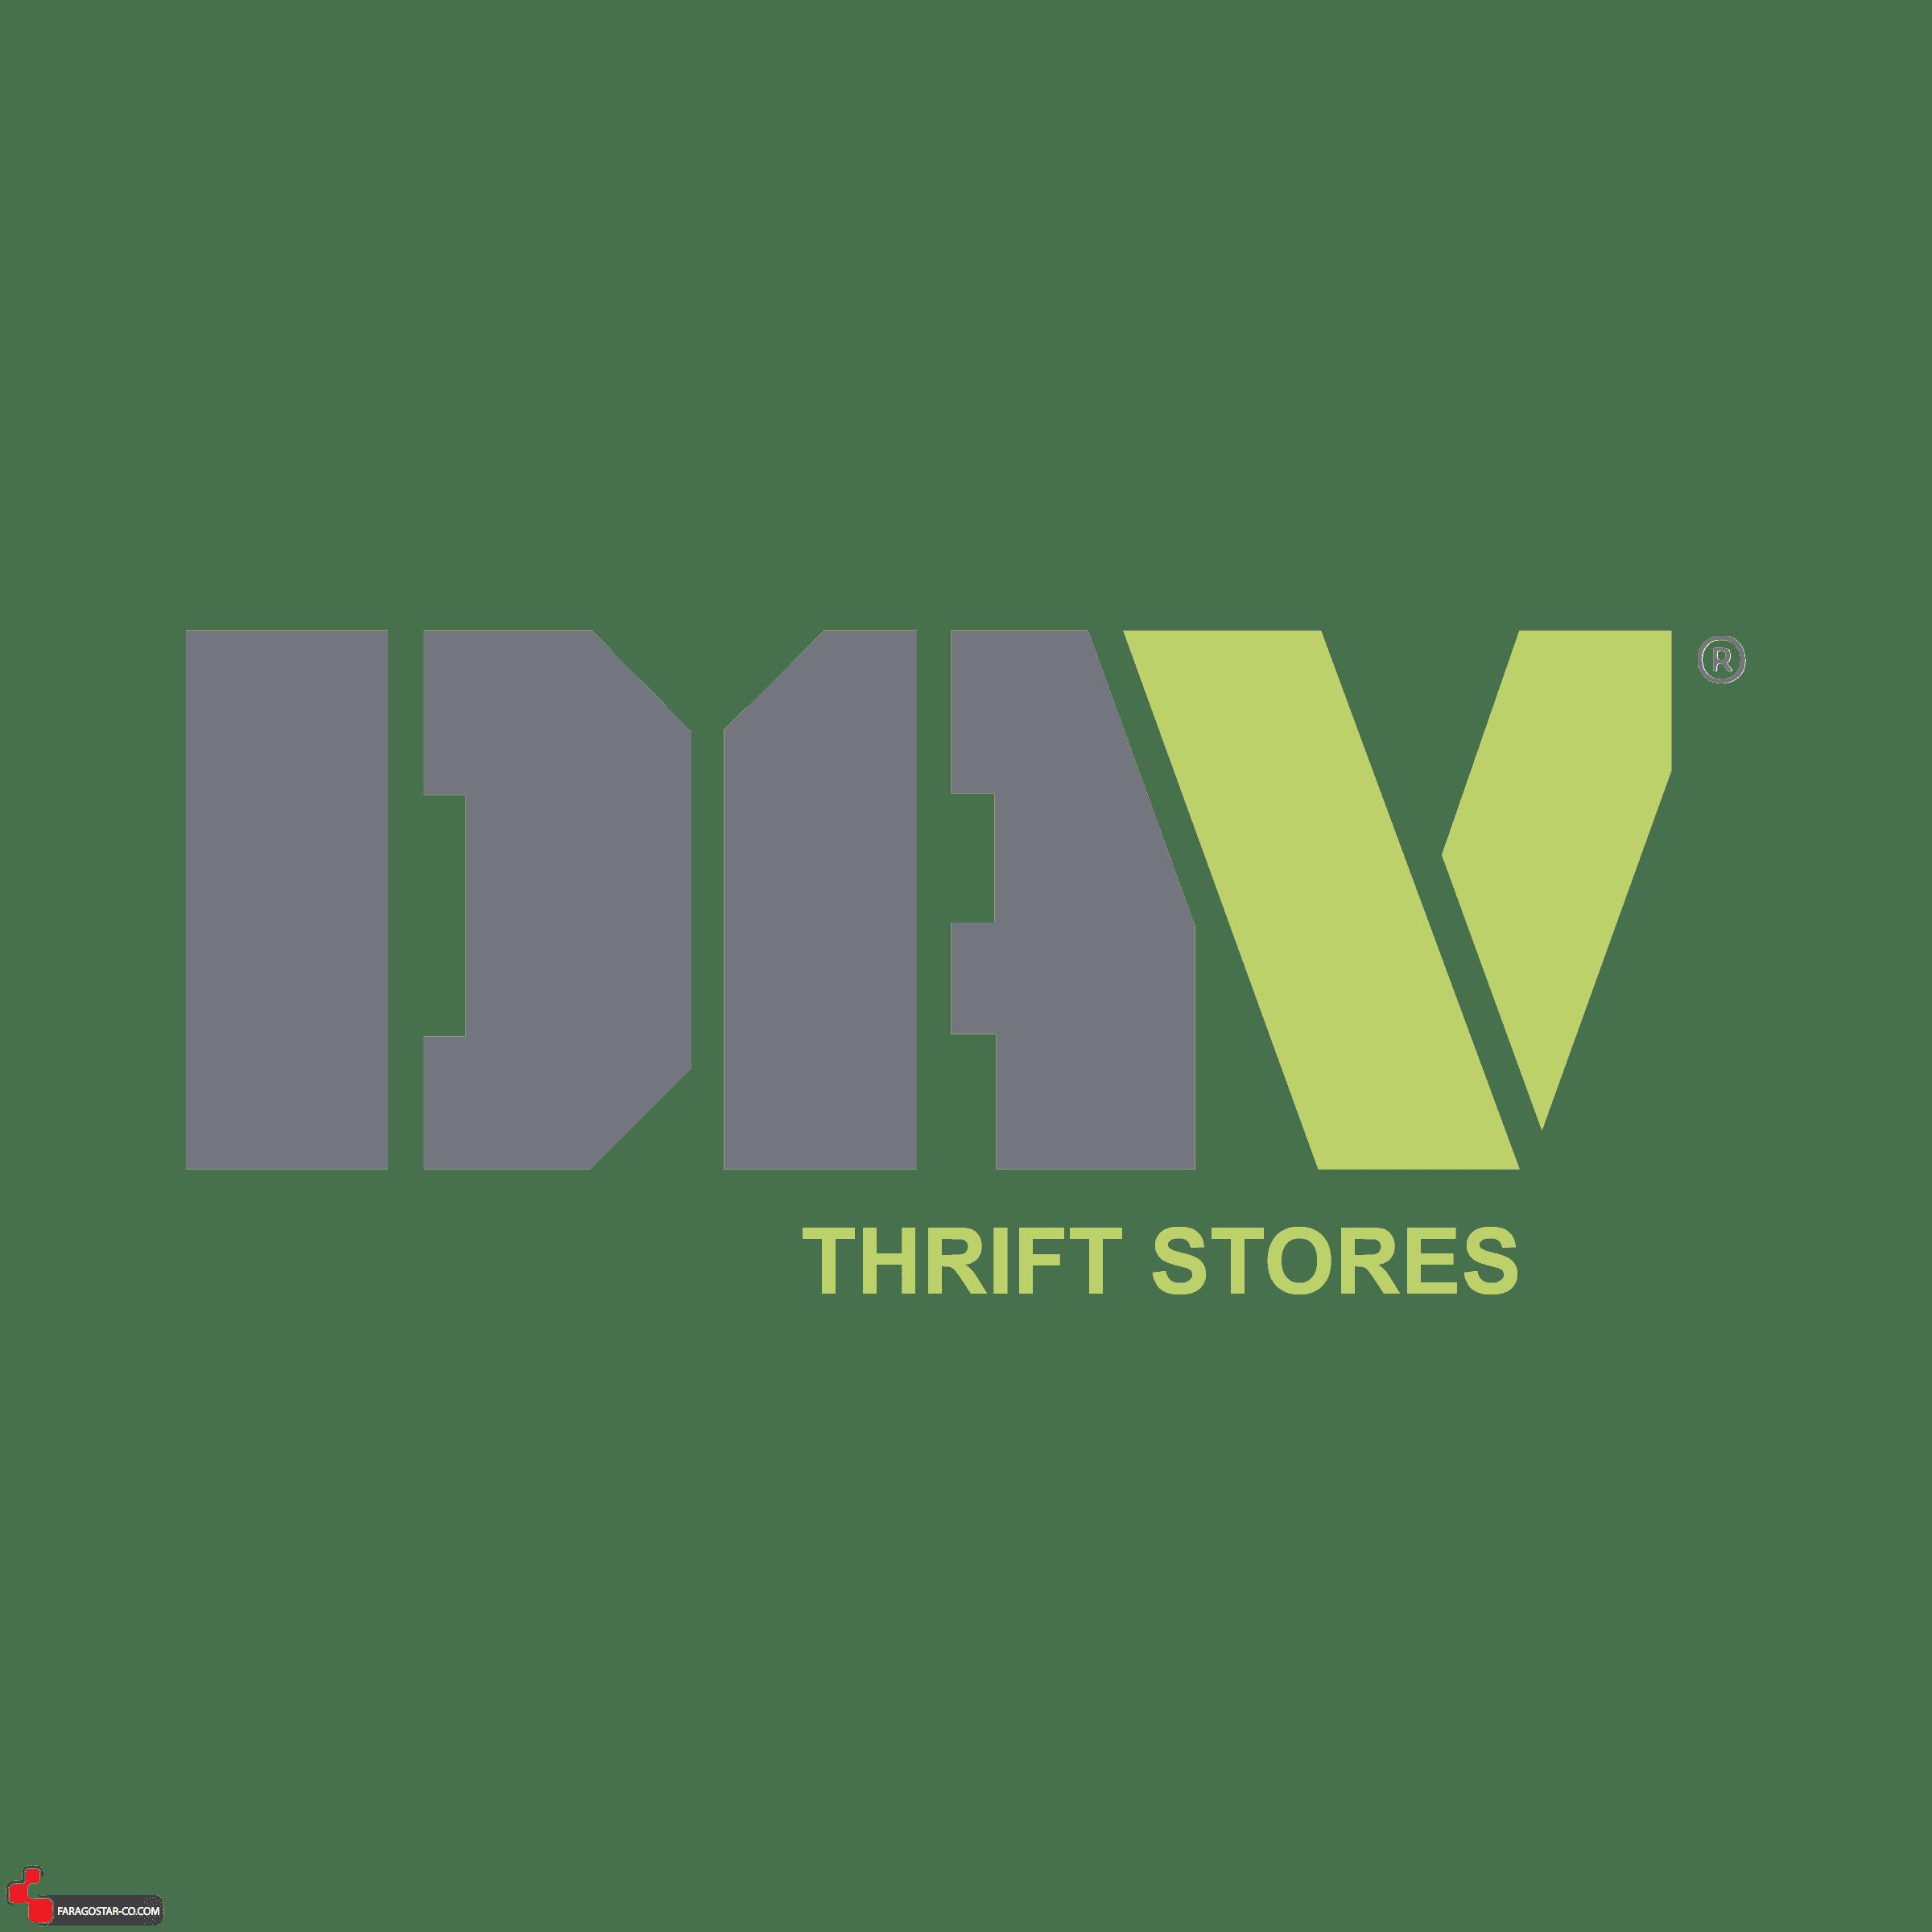 آموزش گام به گام تبدیل فایل DAV در DVR - فراگستر الکترونیک